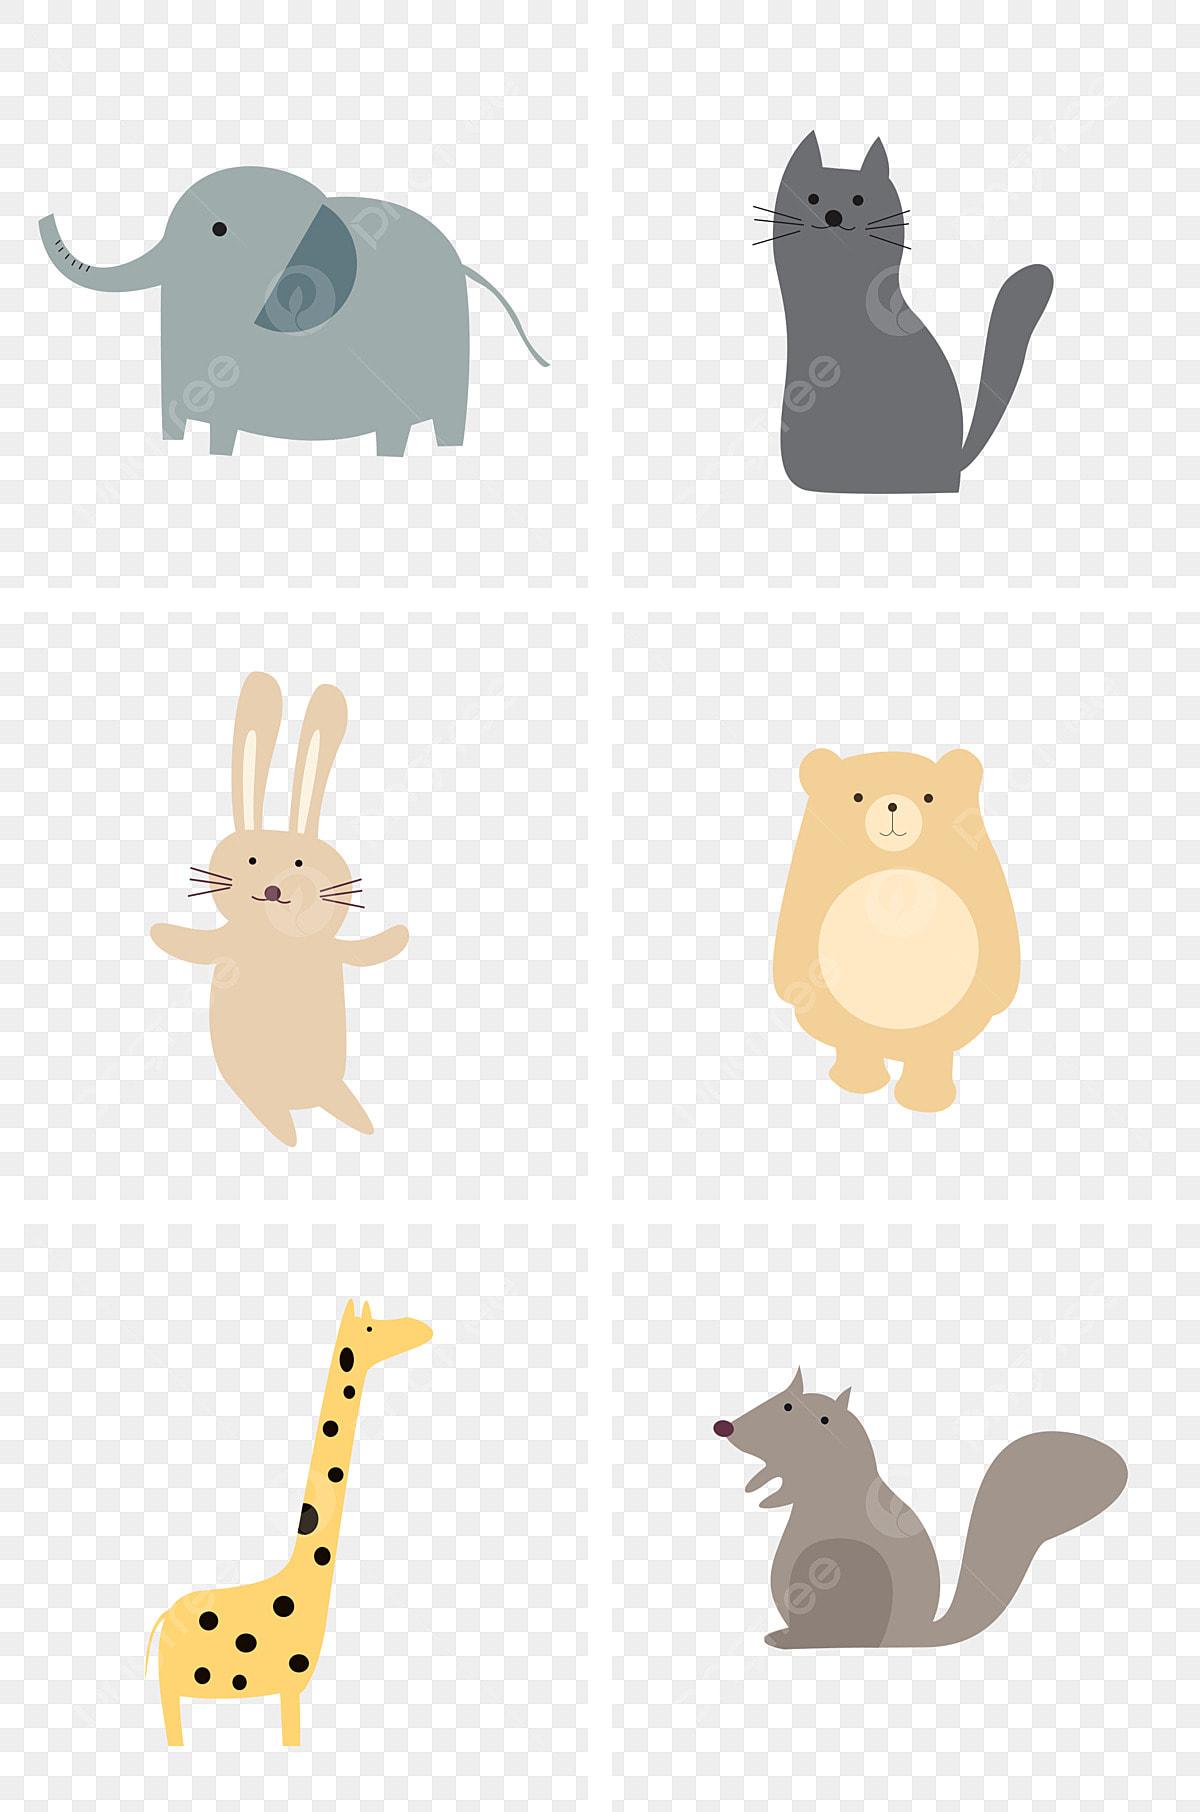 400 Koleksi Gambar Ilustrasi Binatang Kucing HD Terbaru